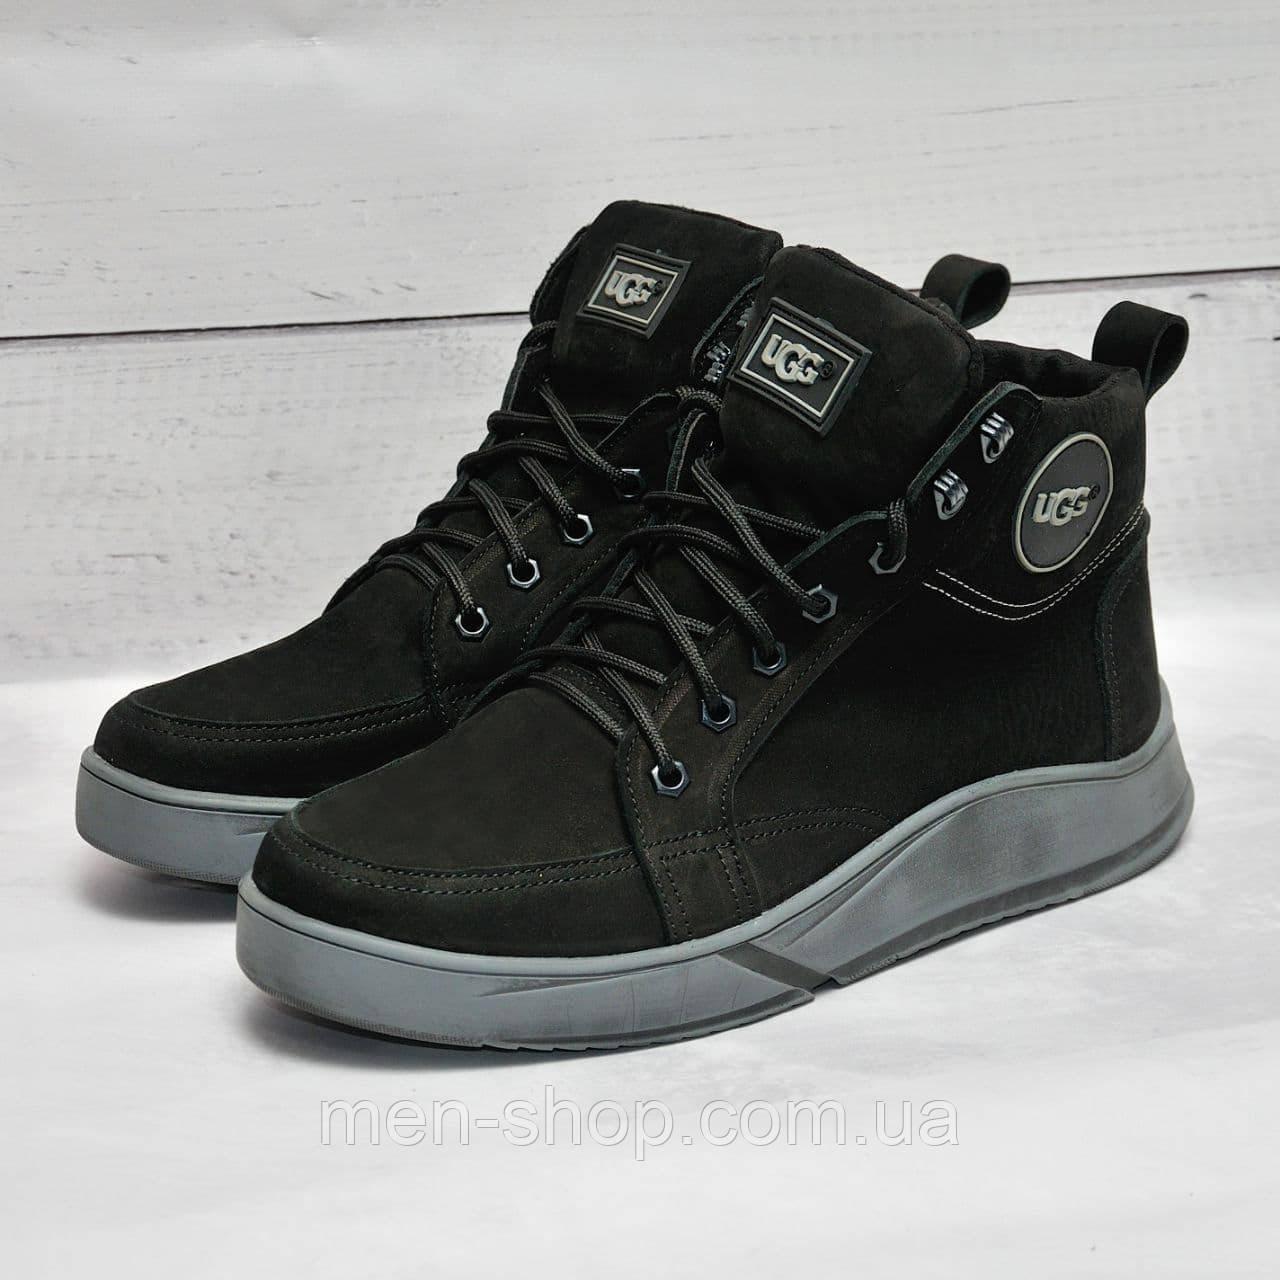 Ugg  Кожаные зимние ботинки